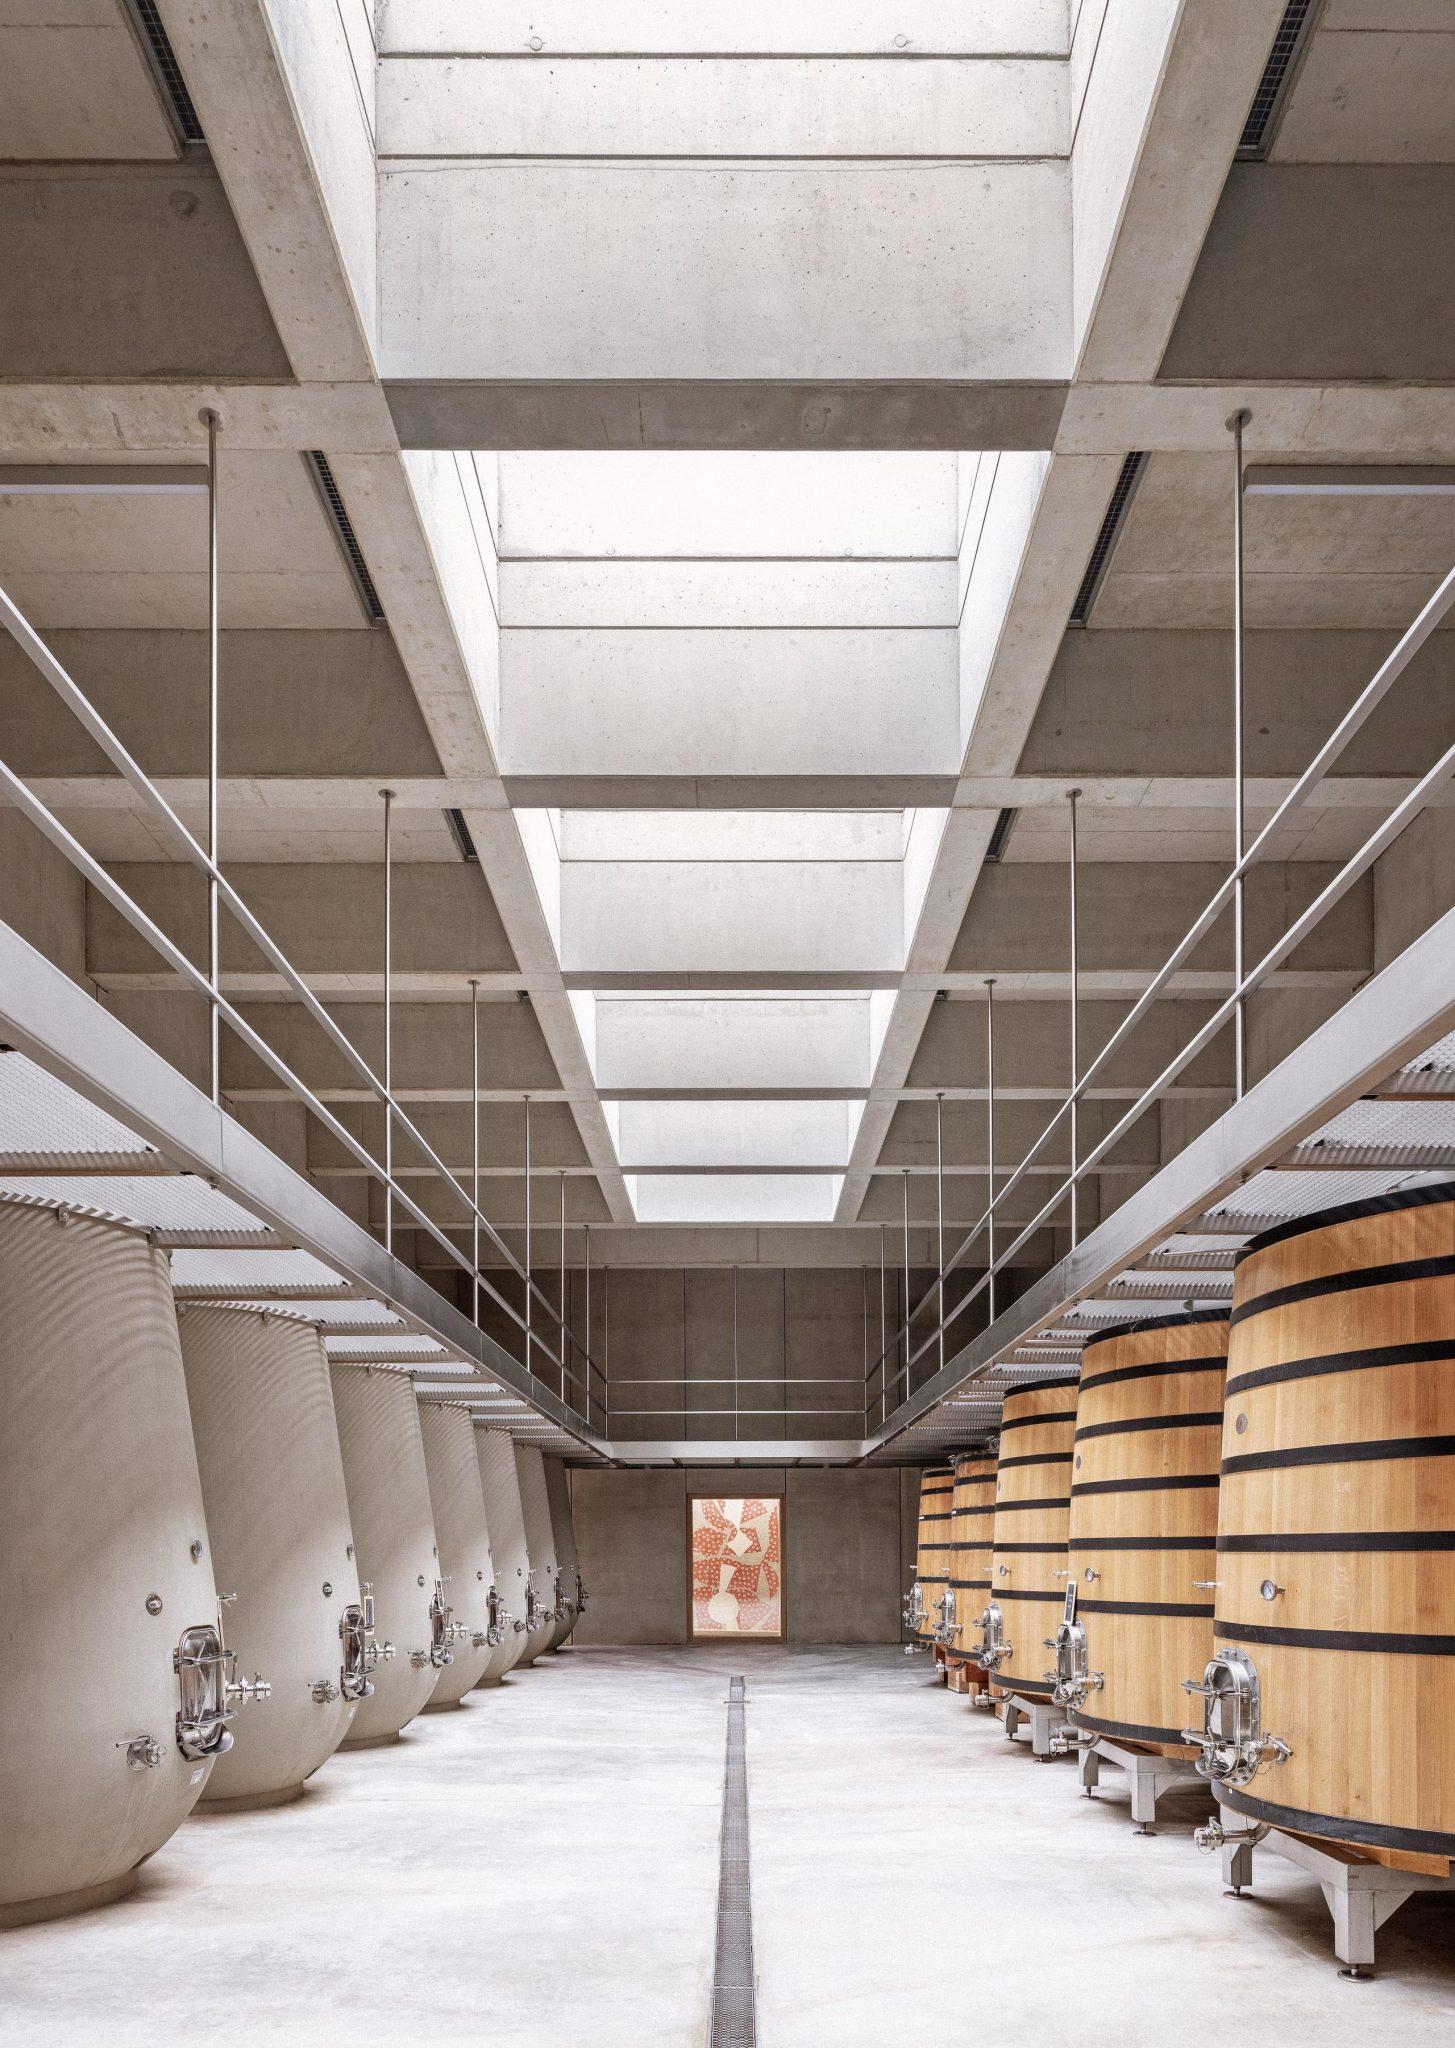 Kijk binnen in dit unieke wijnhuis van een Belgische vrouw in Zuid-Frankrijk - 7